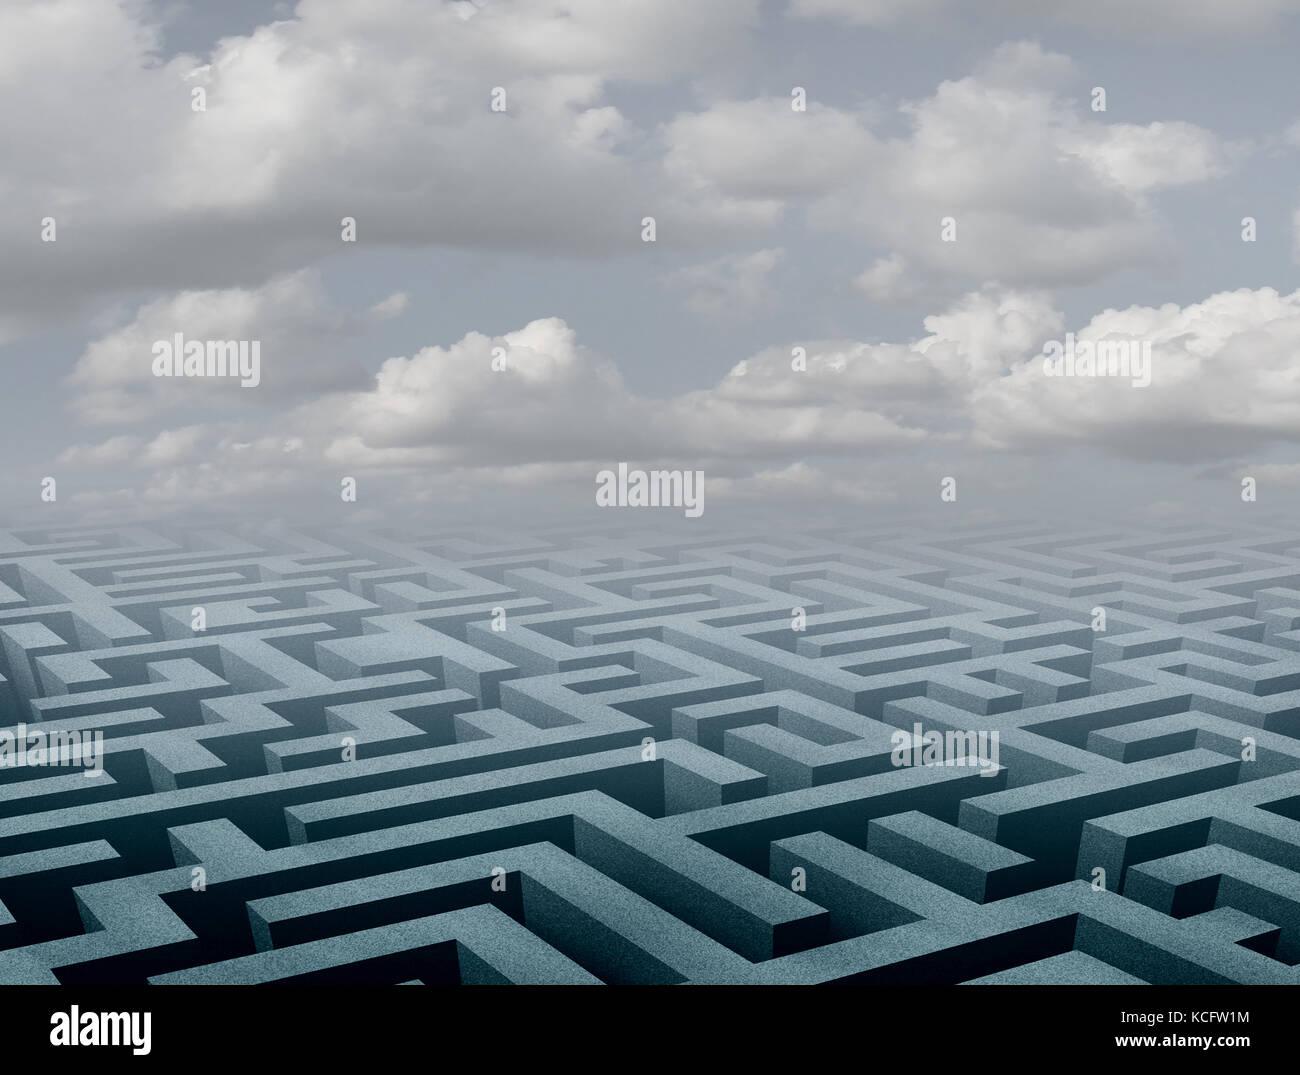 Labyrinth Hintergrund und abstrakte Labyrinth Perspektive Szene als 3D-Darstellung. Stockbild